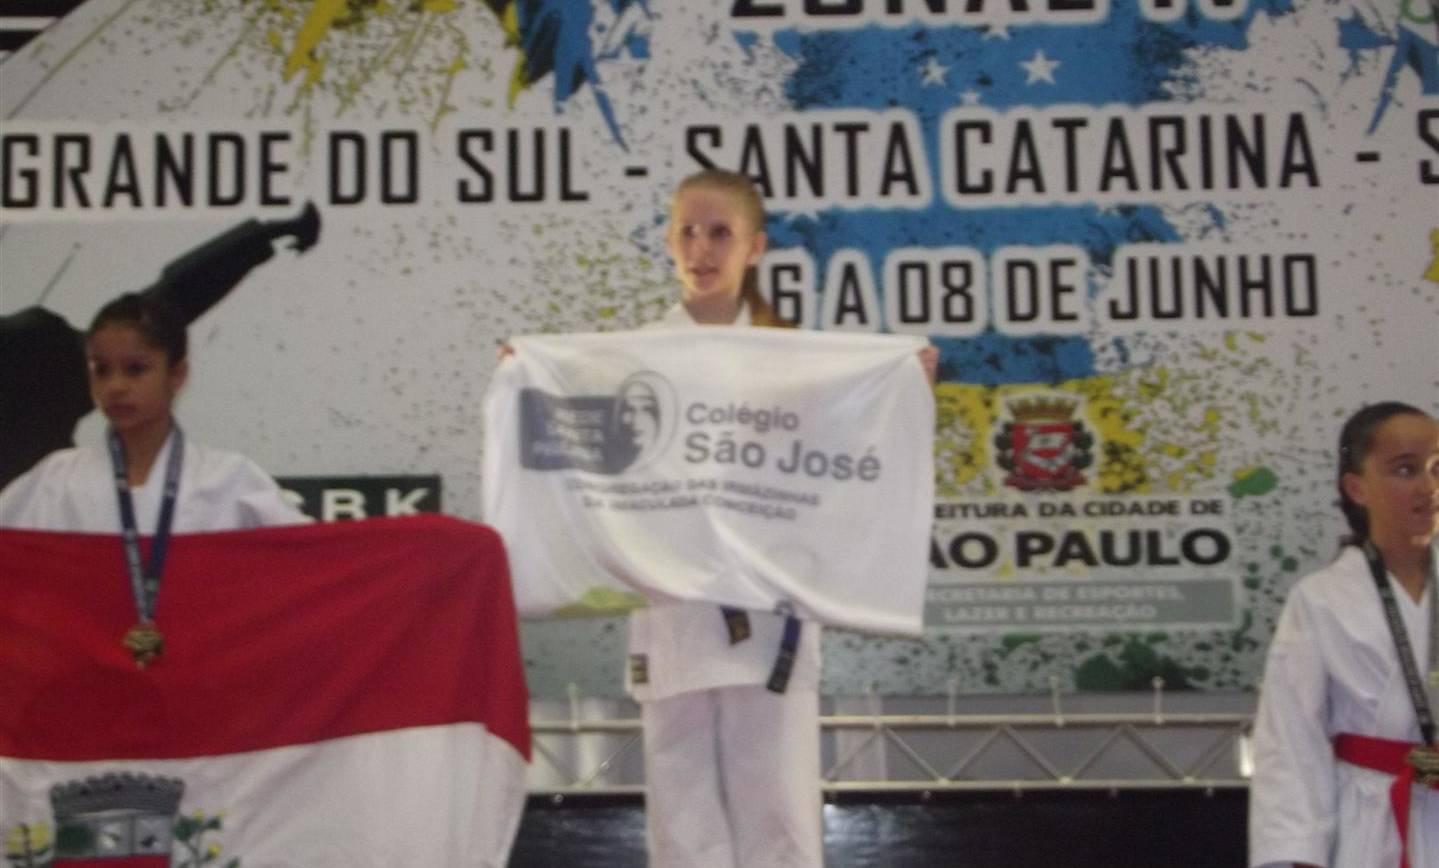 Educanda do Colégio São José se classifica para final do Campeonato Brasileiro de Karatê